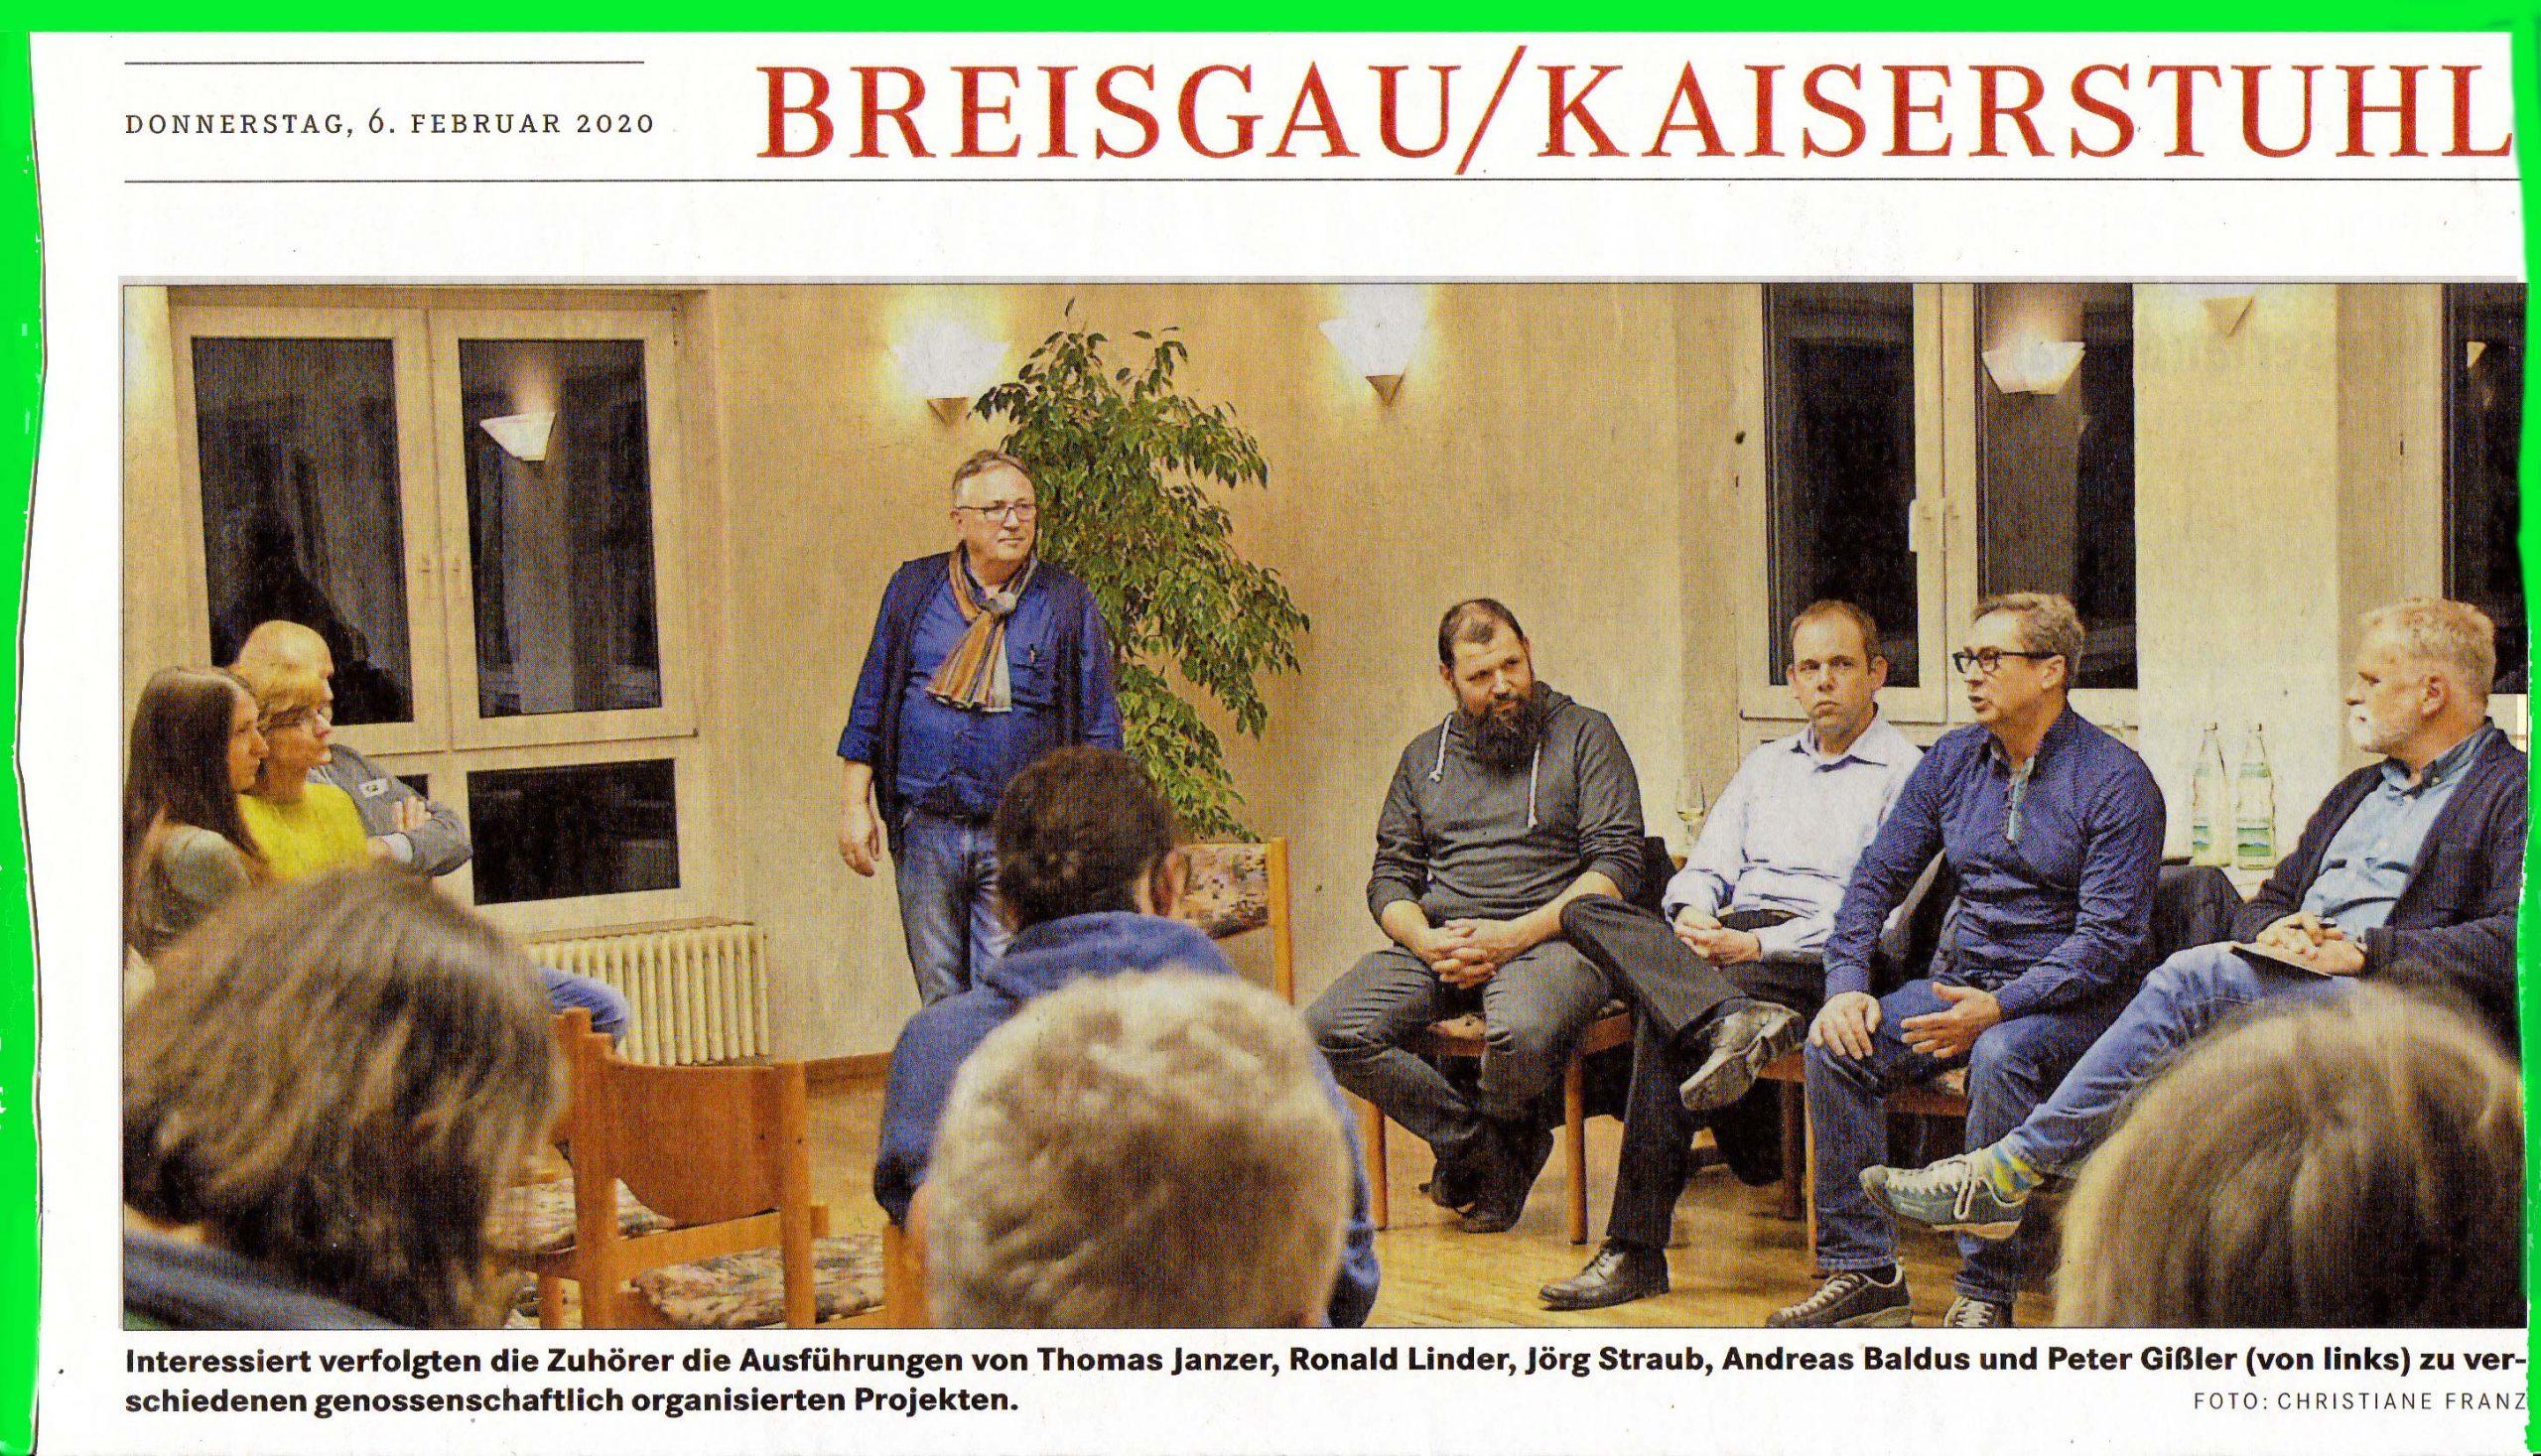 Podiumsdiskussion zur Ortskernsanierung Kiechlinsbergen